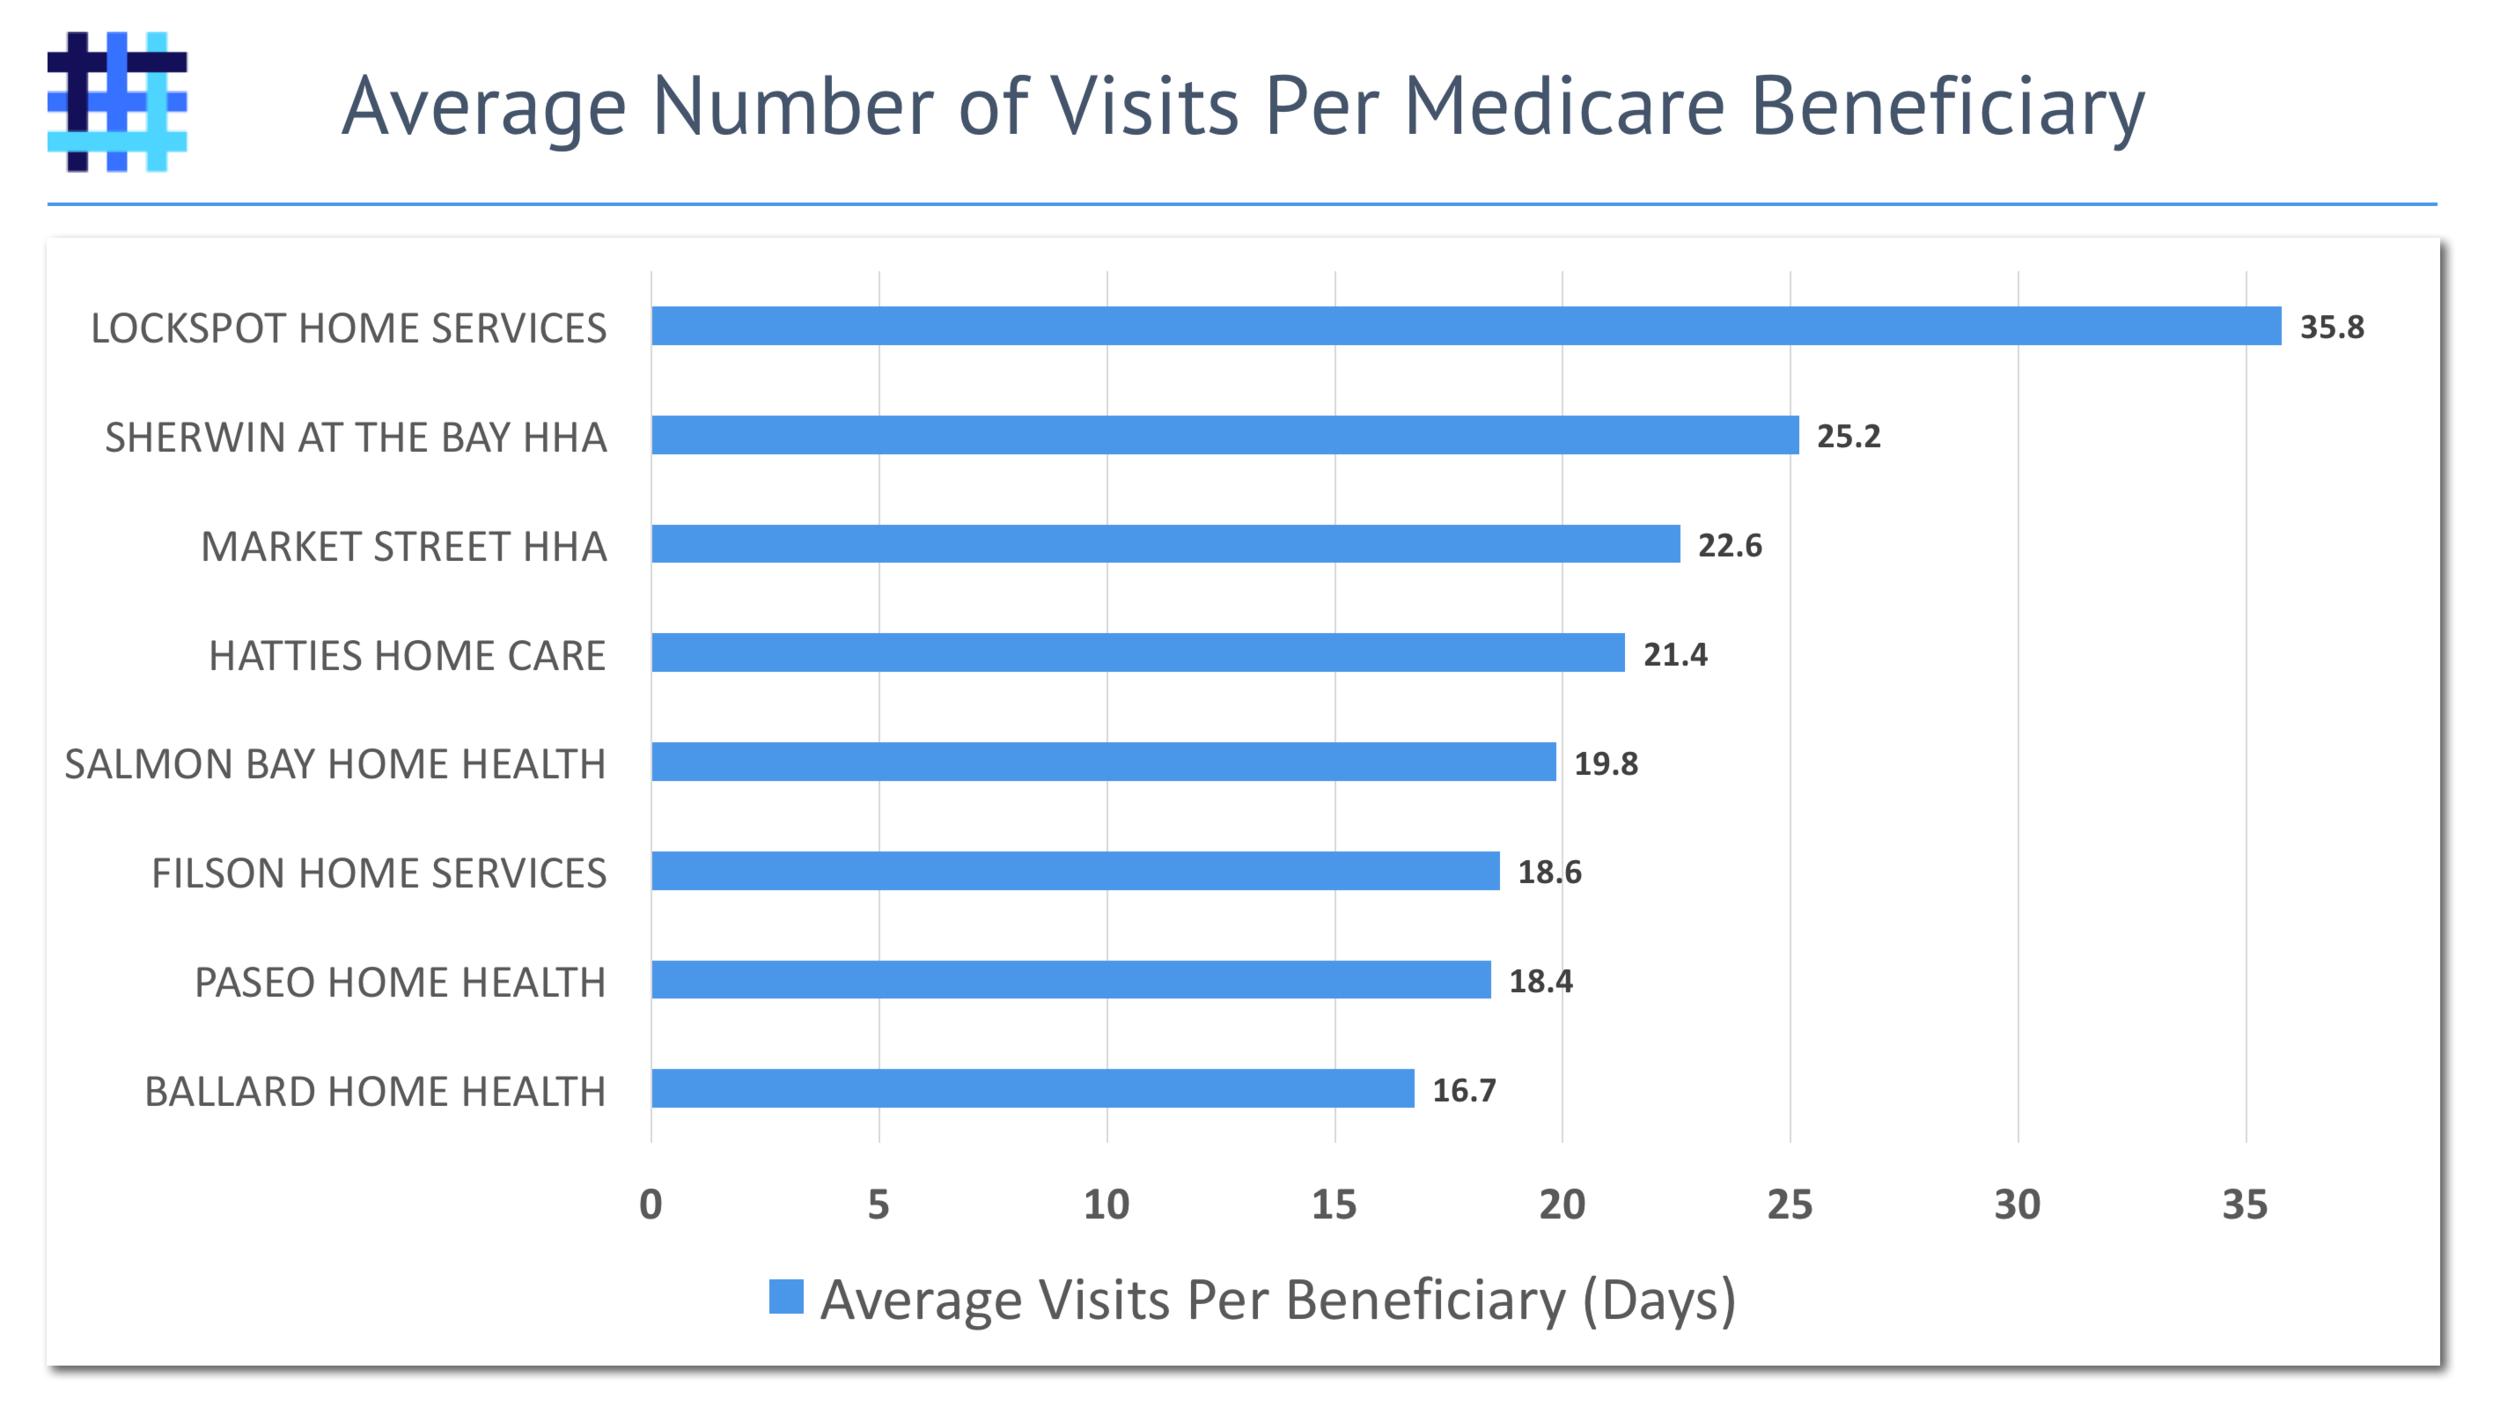 web-hha-medicare-beneficiary-visits-per.png